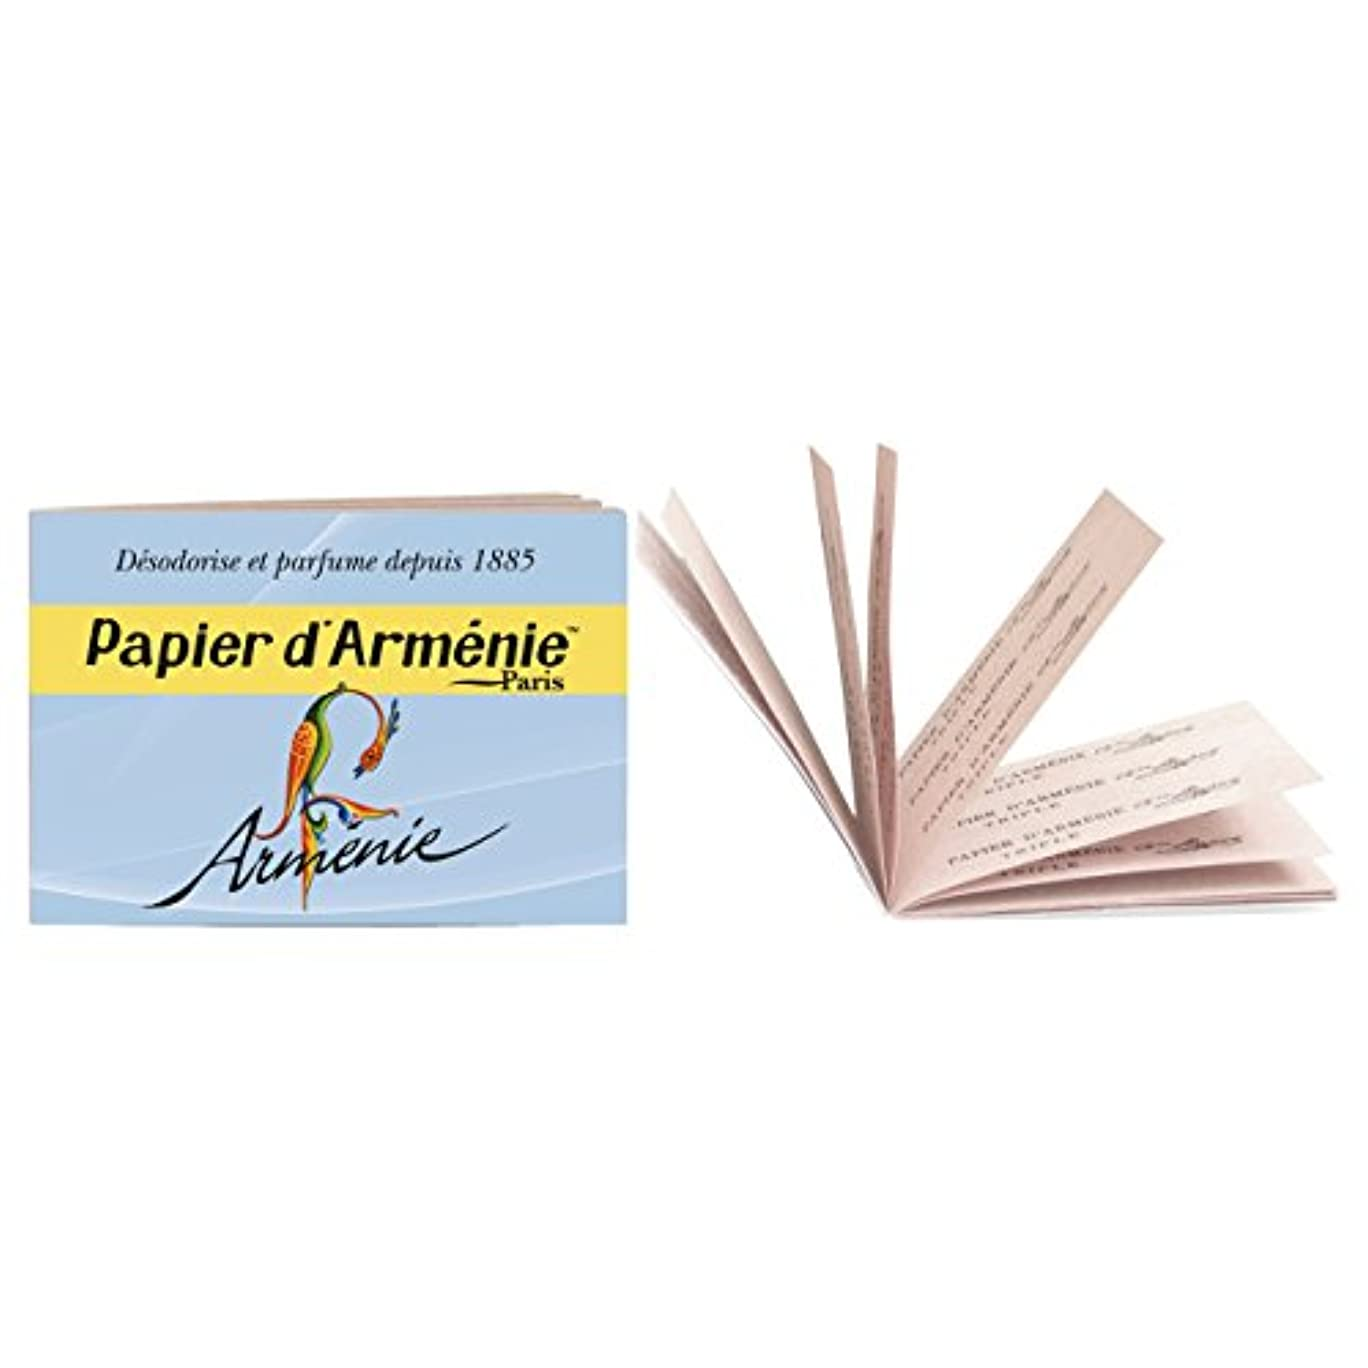 パピエダルメニイ トリプル アルメニイ (紙のお香 3×12枚/36回分)